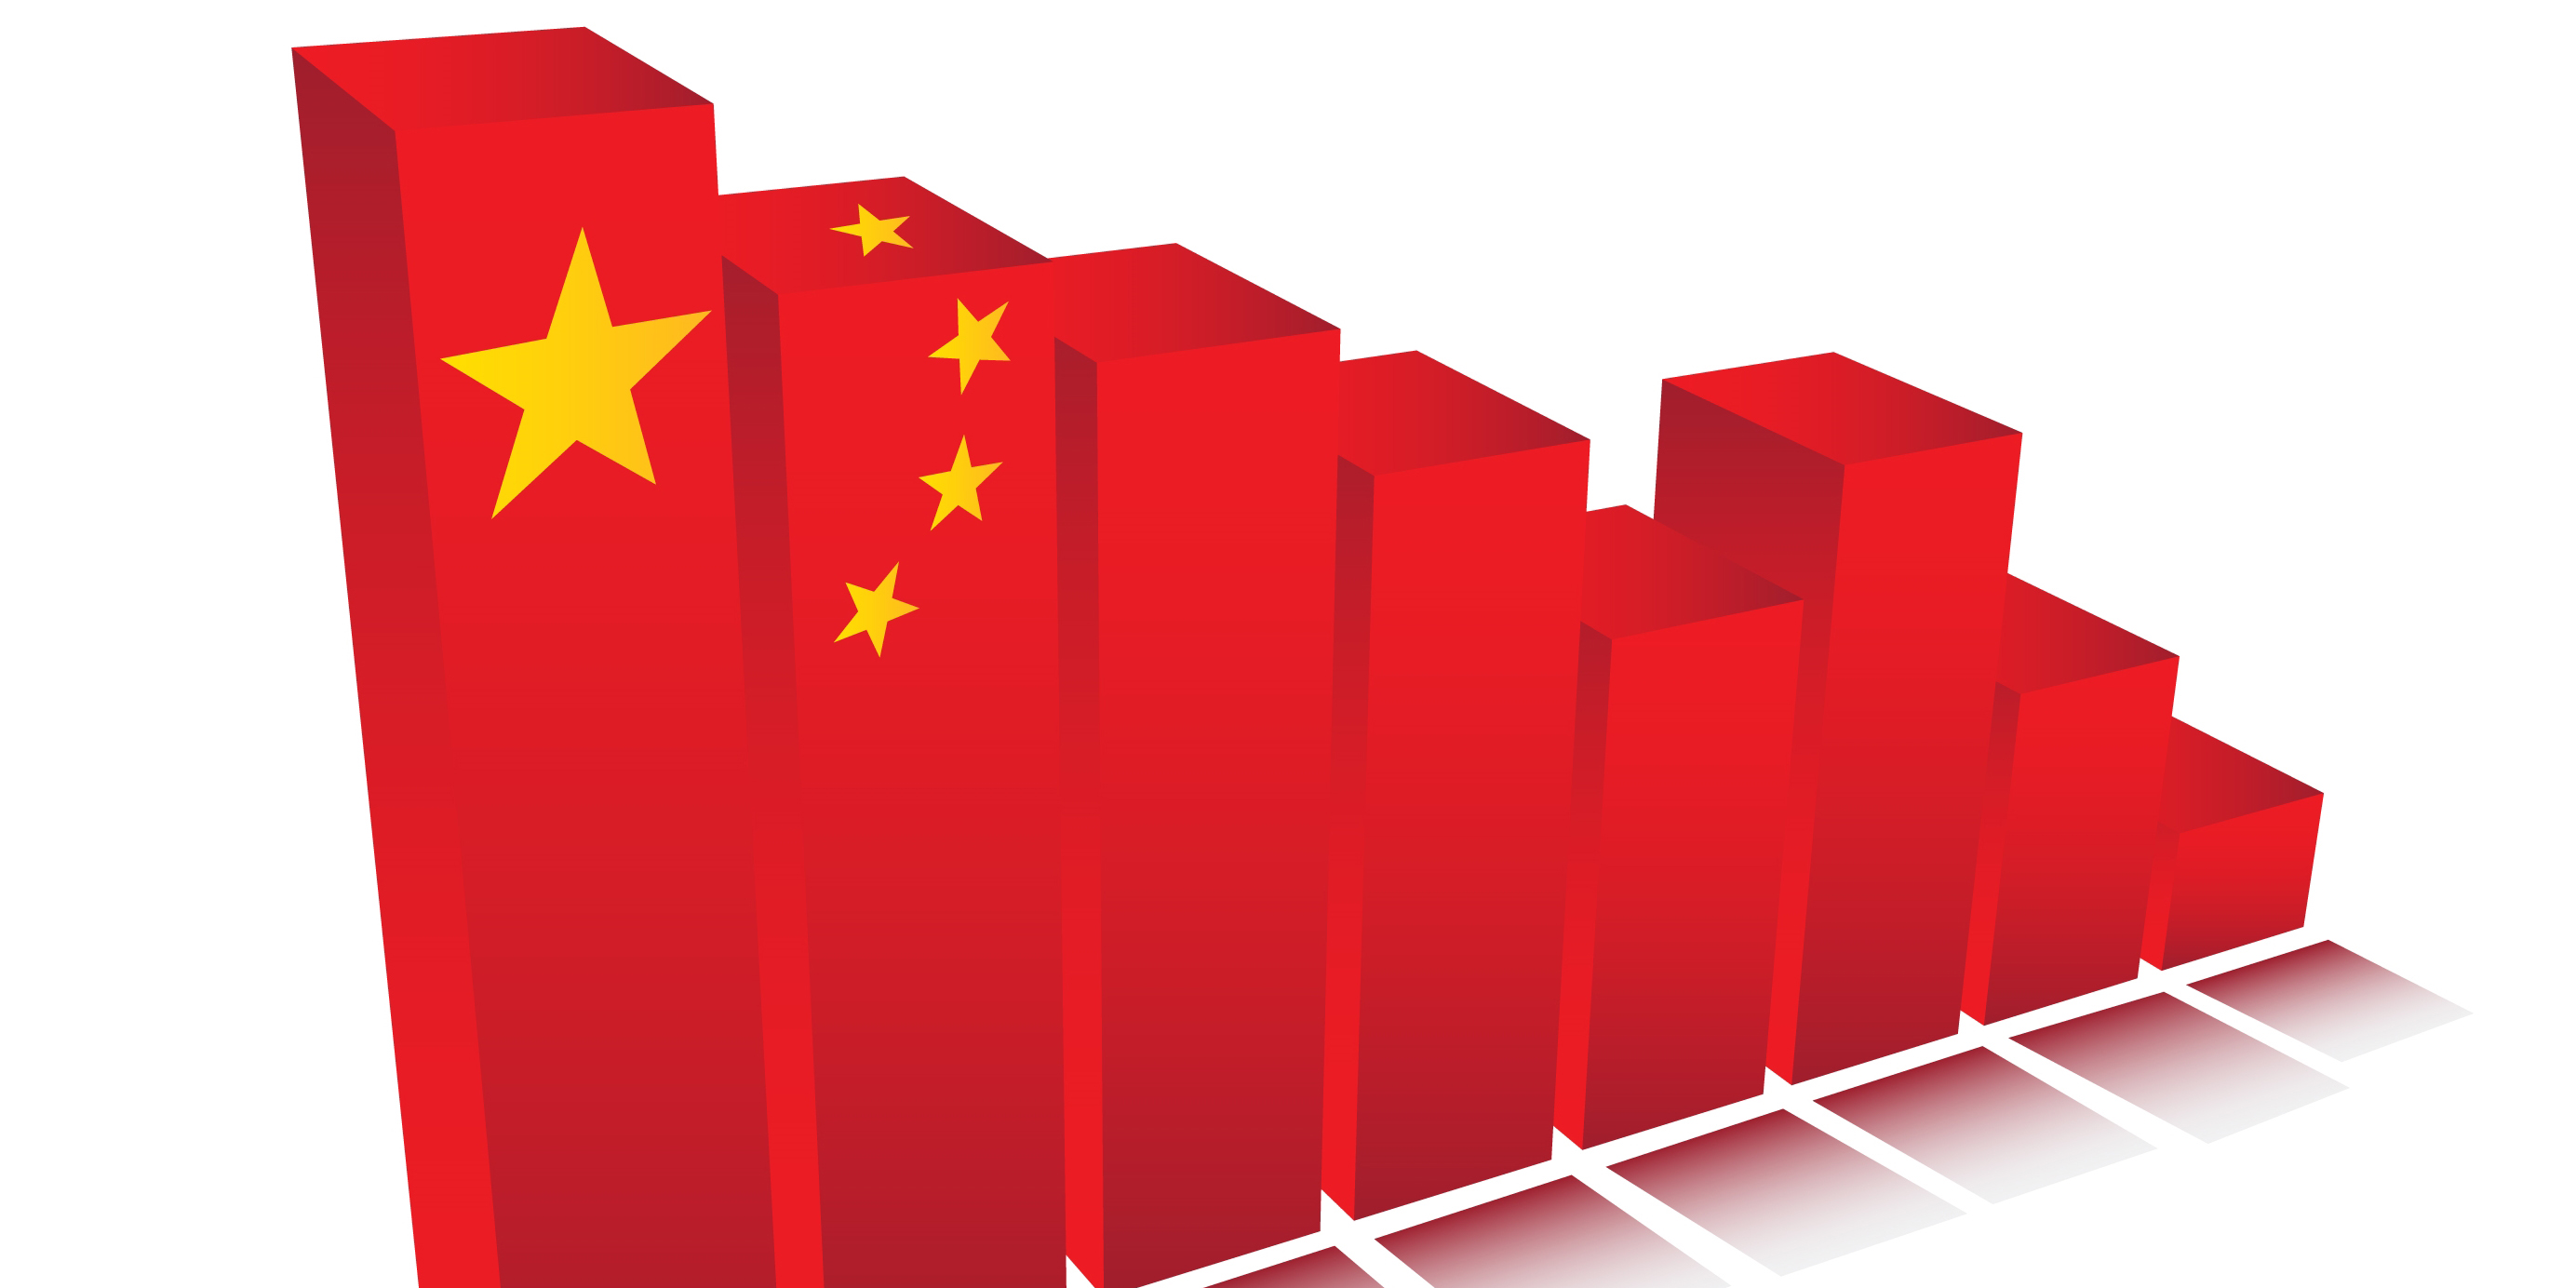 موتور جدید رشد اقتصادی چین